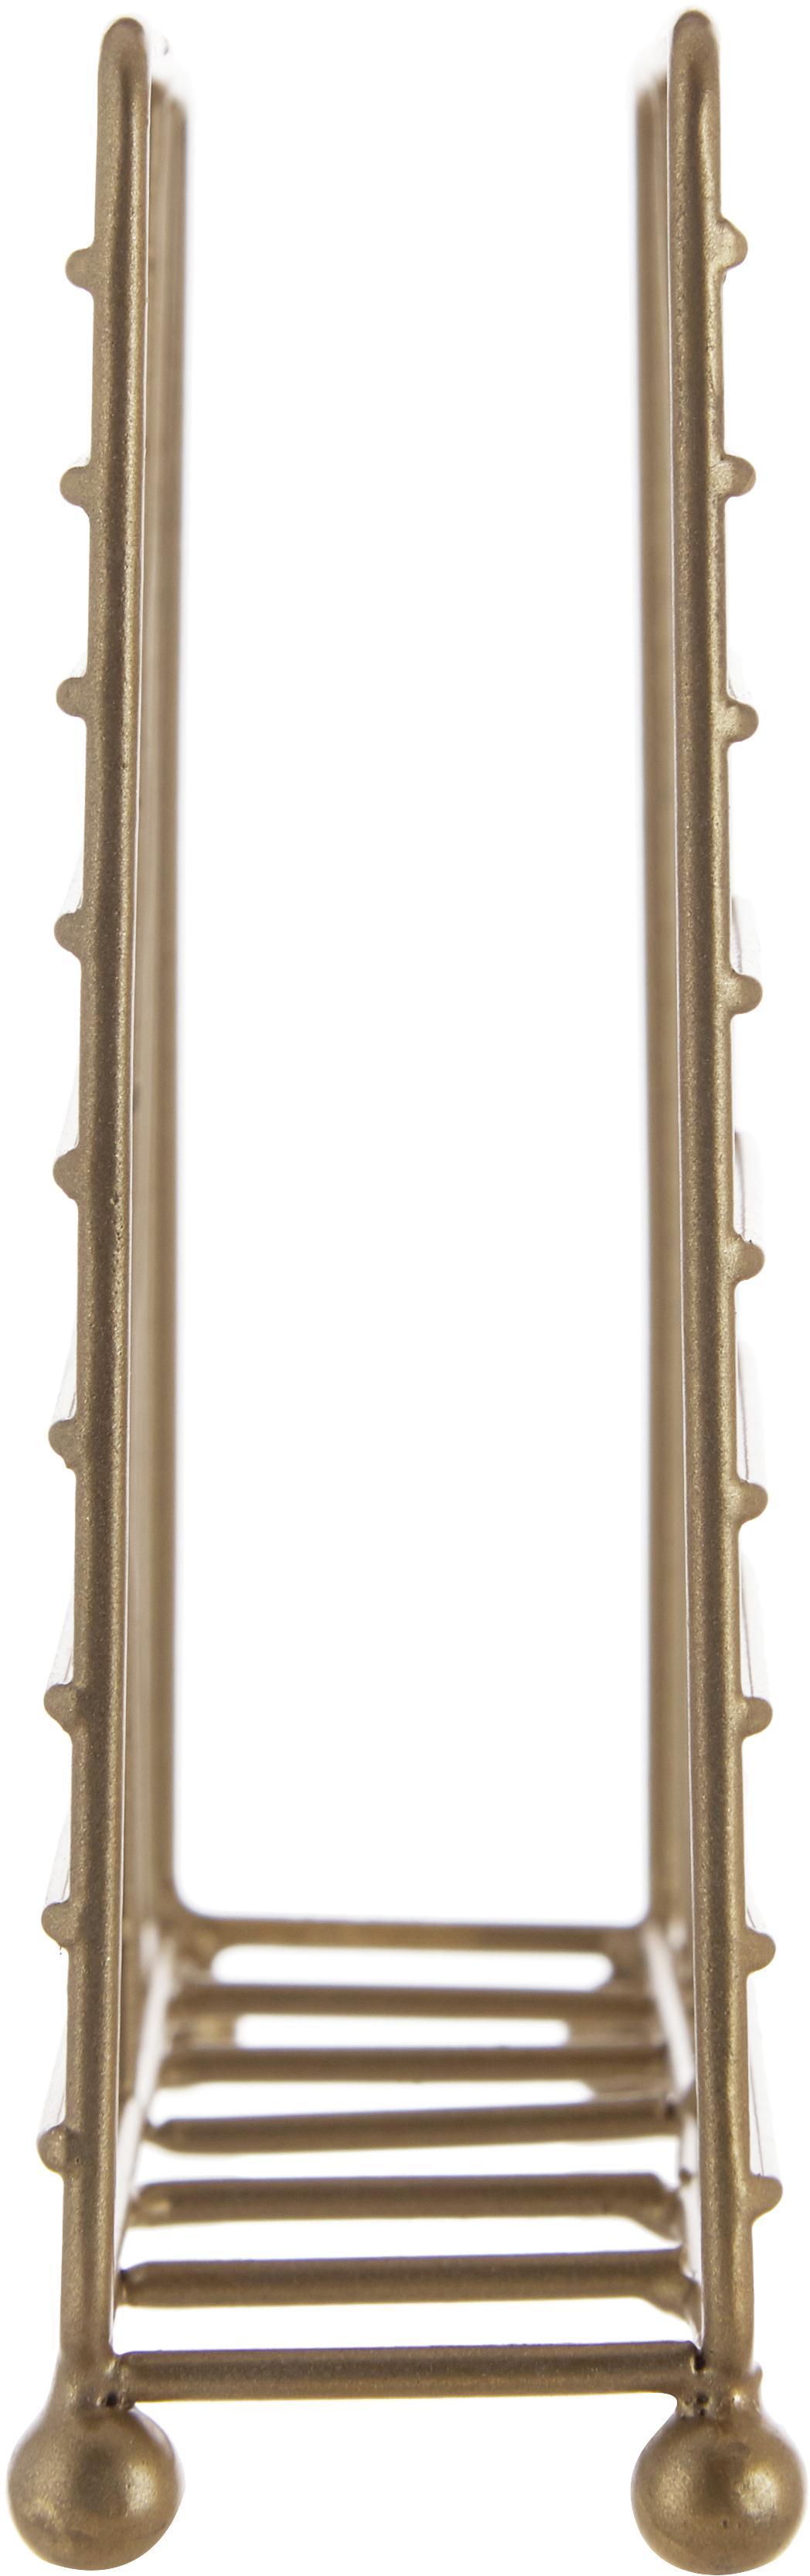 Serviettenhalter Magazin, Metall, beschichtet, Messing, 16 x 4 cm